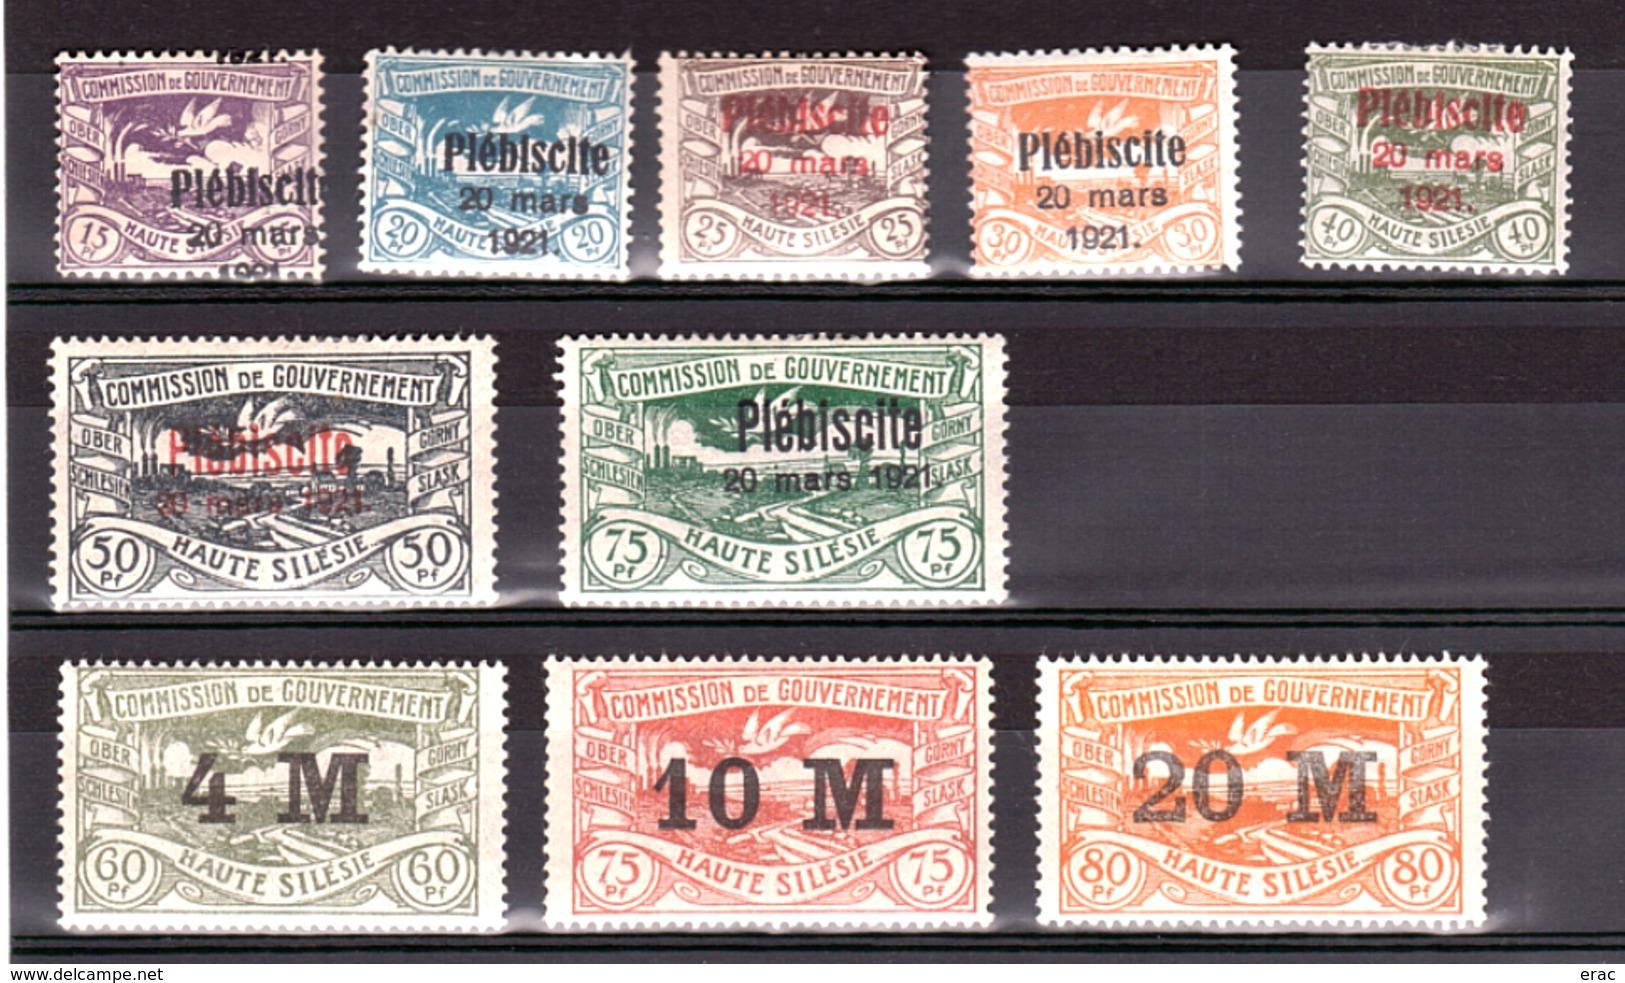 Haute-Silésie - Lot De Timbres Plébiscite 1921 - Neufs * - Cote + 80 - Silésie (Haute & Orientale)